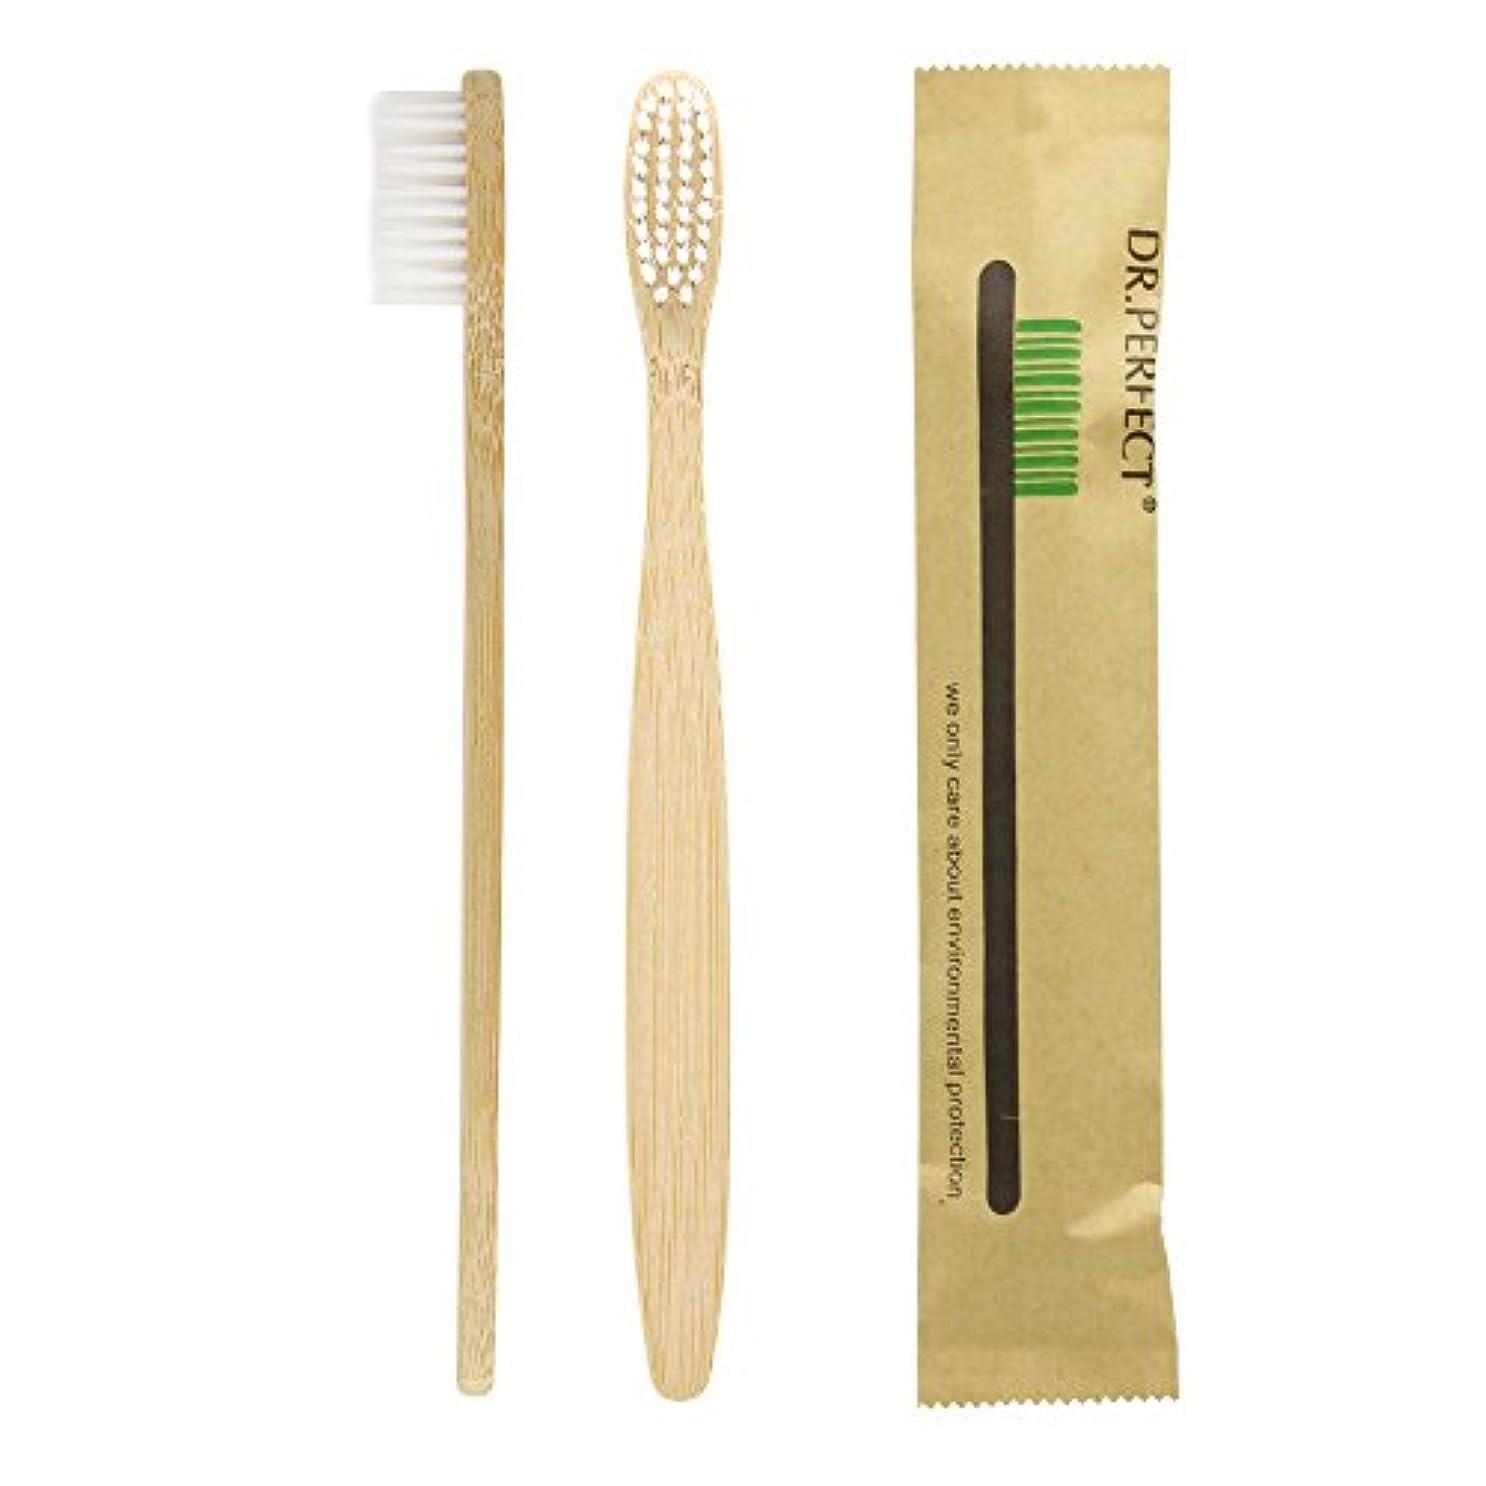 午後トーク一般的に言えばDr.Perfect 歯ブラシ竹歯ブラシアダルト竹の歯ブラシ ナイロン毛 環境保護の歯ブラシ (ホワイト)